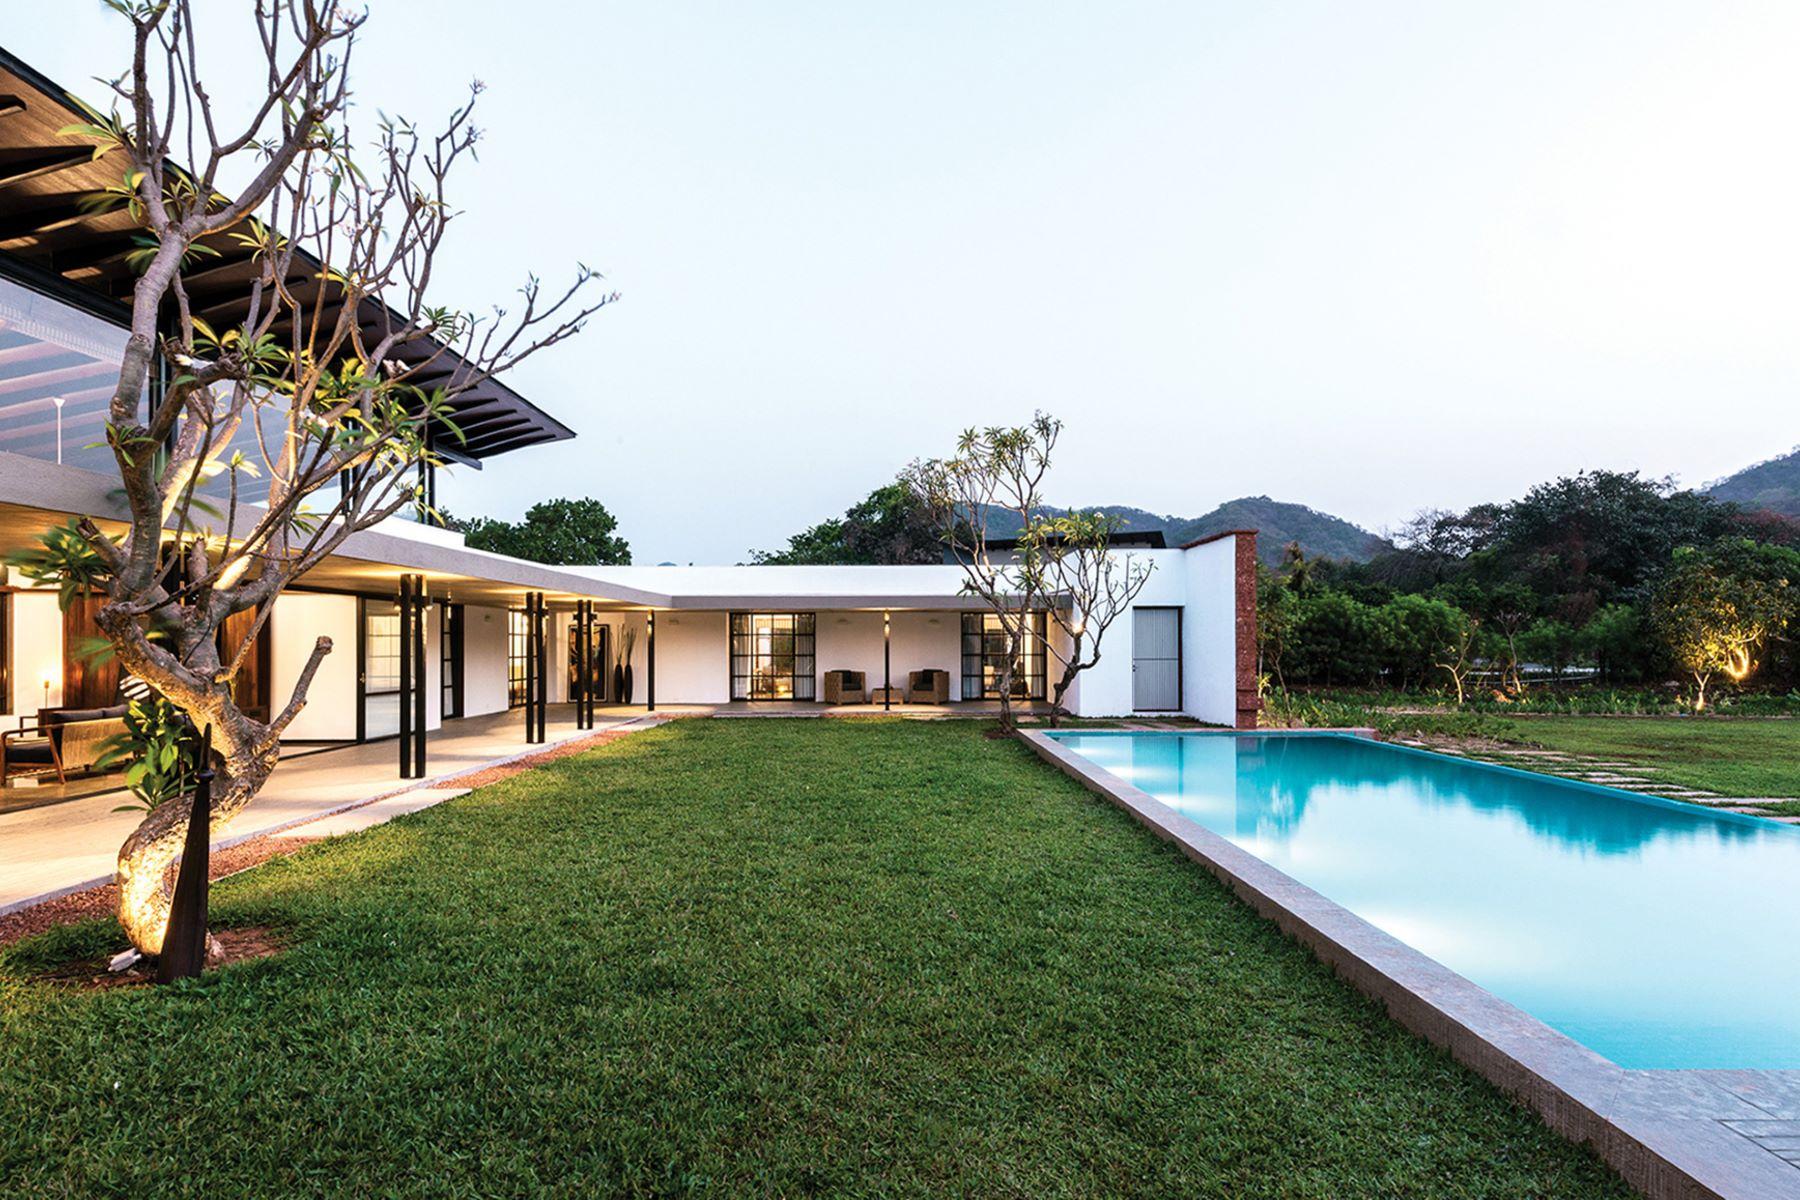 Ferme / Ranch / Plantation pour l à vendre à Alibaug - Luxury Villa Mathroli, Autres Maharashtra, Maharashtra, 402209 Inde